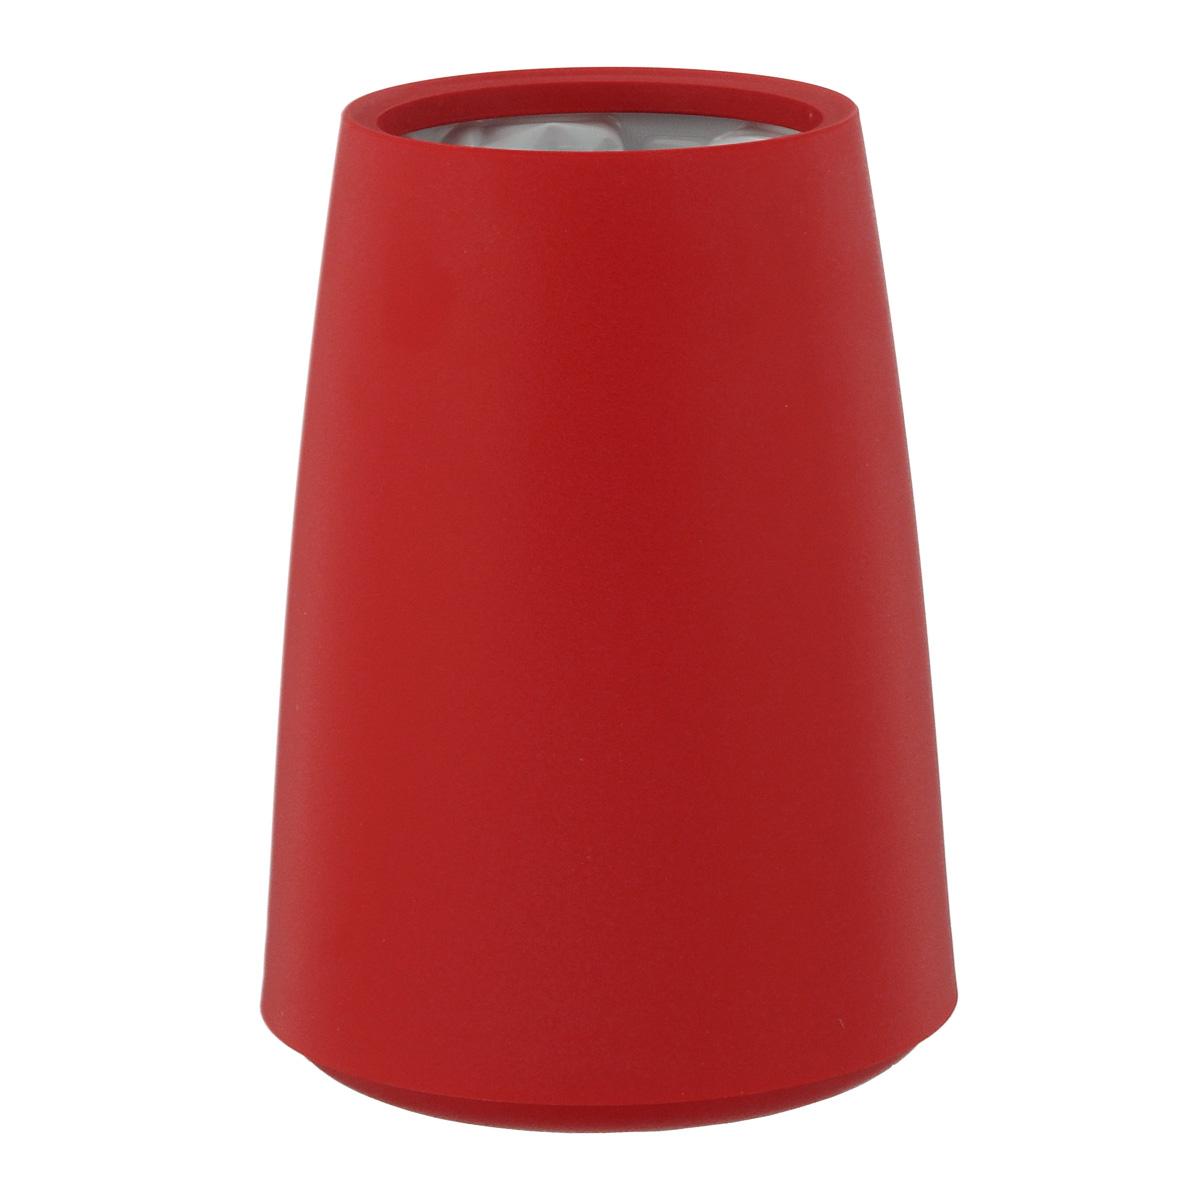 Ведерко-охладитель для бутылок VacuVin Rapid Ice Elegant, цвет: красный, 0,75 лVT-1520(SR)Элегантное ведерко-охладитель VacuVin Rapid Ice Elegant позволит вам мгновенно охладить вино без использования льда. Внутри пластиковой емкости находится многоразовый охлаждающий элемент, который охлаждает бутылку за несколько минут и сохраняет ее холодной часами. В ведерке-охладителе не используется ни лед, ни вода, поэтому на вашем столе не будет лужиц, а этикетка не размокнет и не отвалится.Храните охлаждающий элемент в морозилке.Объем: 0,75 л.Высота ведерка-охладителя: 12 см.